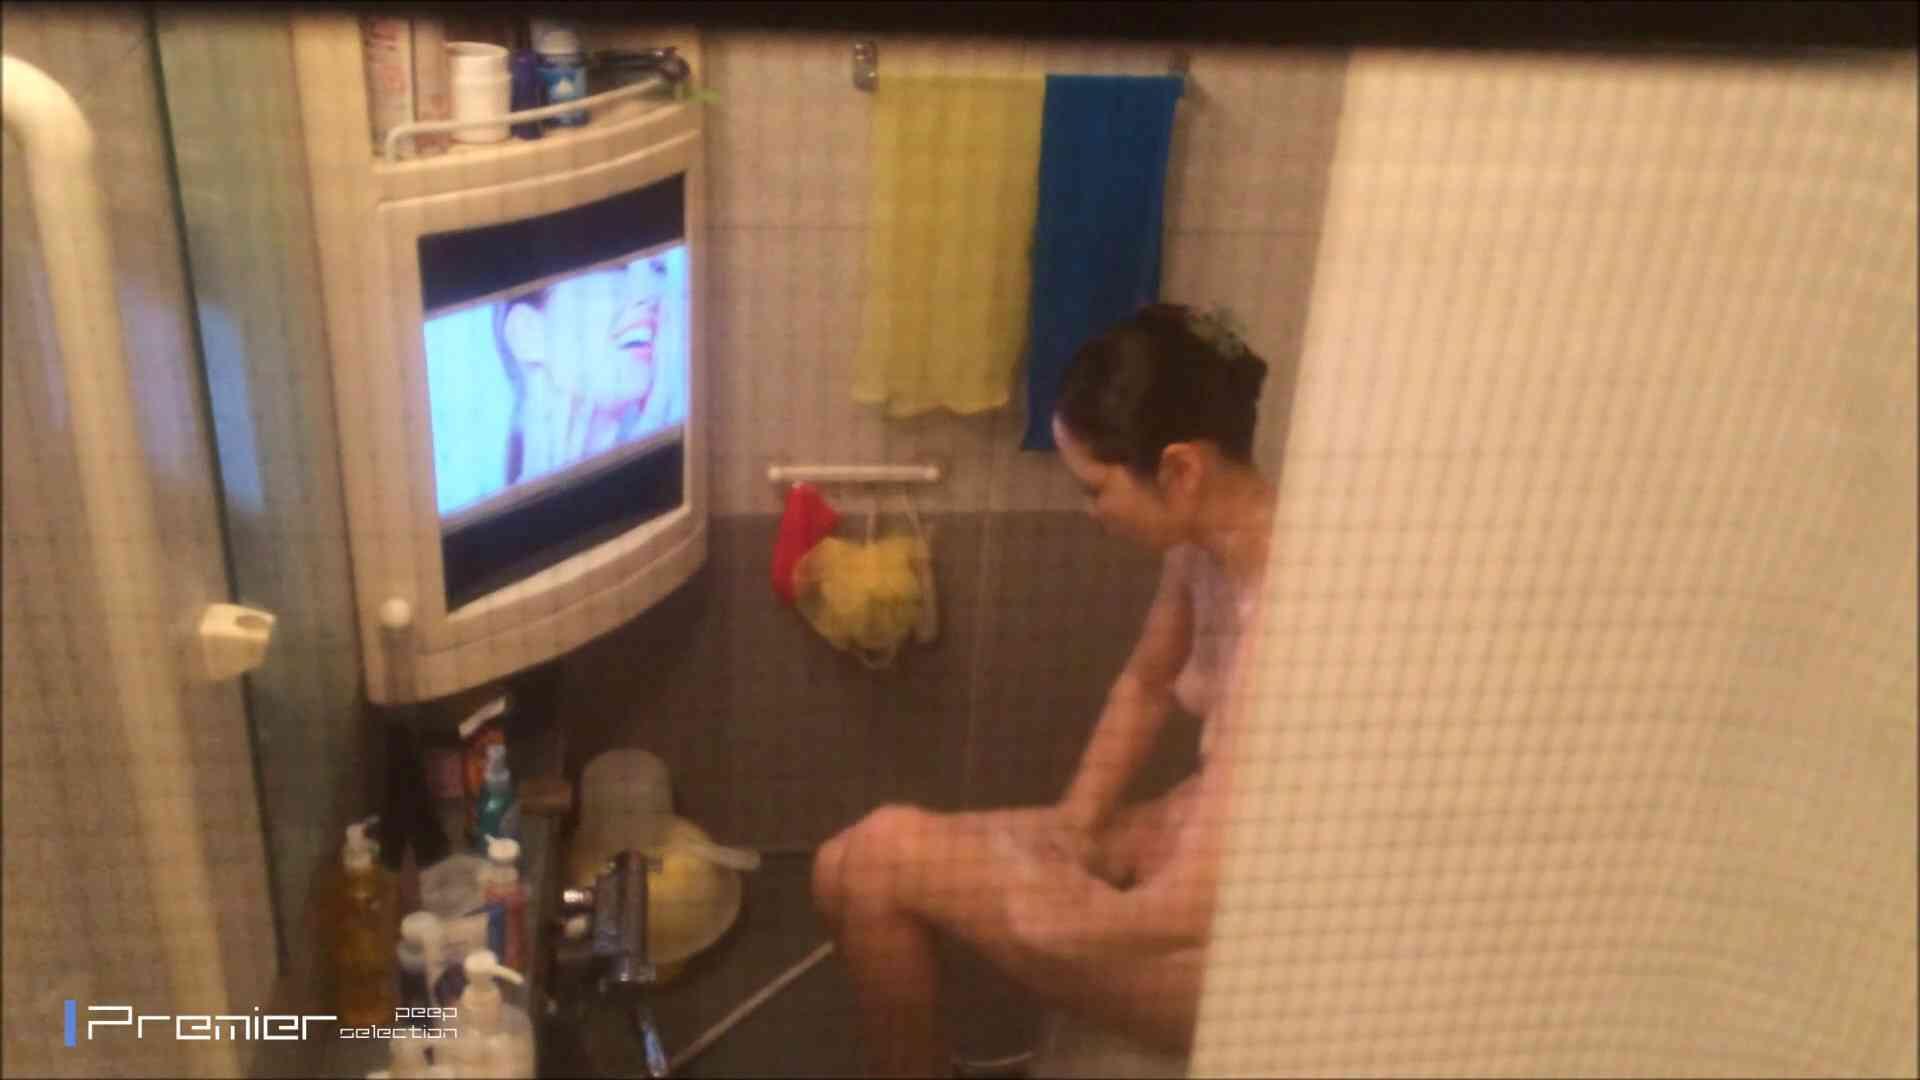 美女のテレビを見ながらの入浴 乙女の風呂場 Vol.21 美乳 ワレメ動画紹介 85枚 66